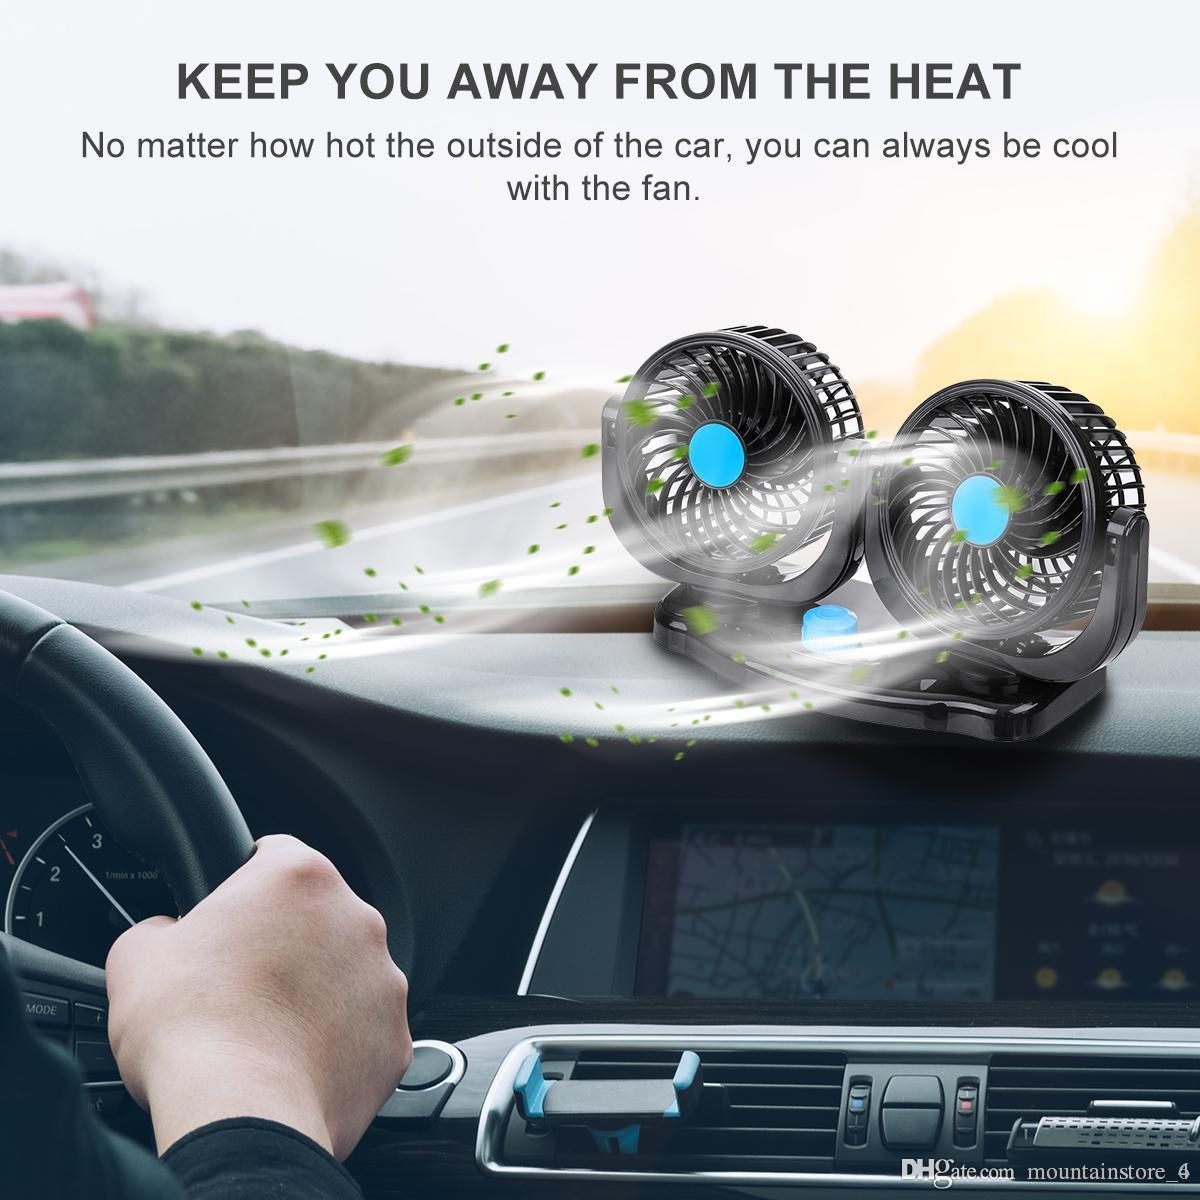 12 V / 24 V 360 Derece All-Round Ayarlanabilir Araba Oto Hava Soğutma çift kafa fanı düşük gürültü araba oto soğutma hava fanı araba accessor